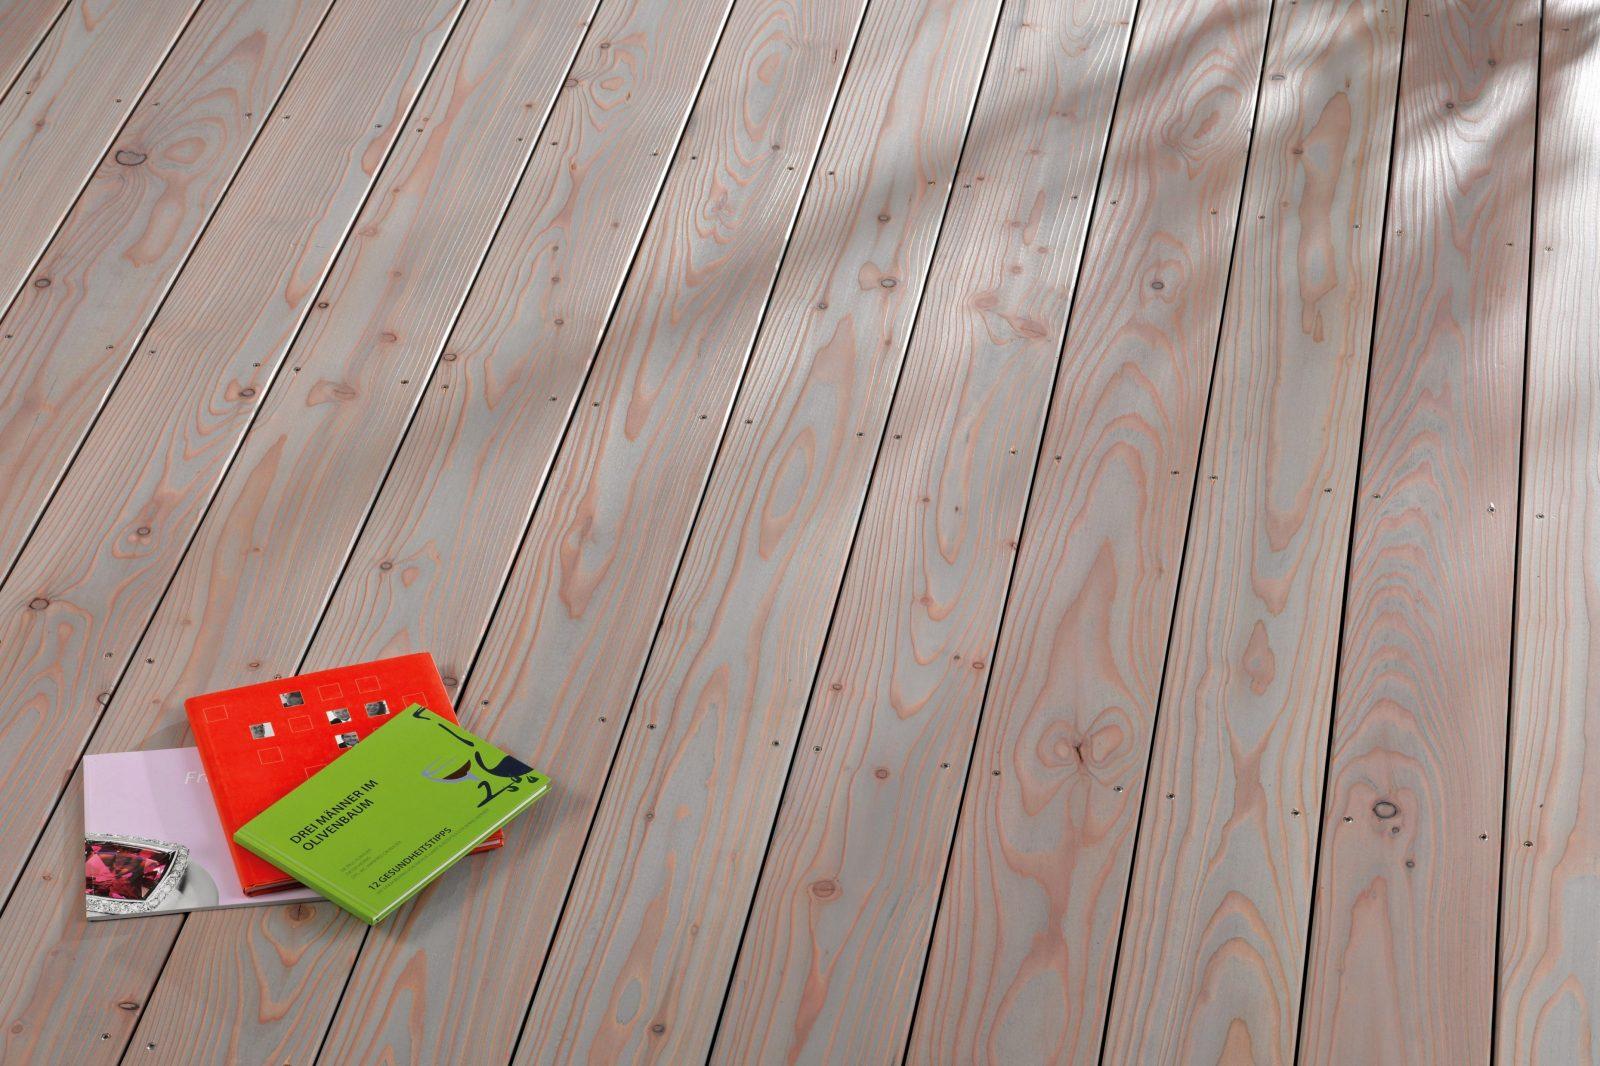 Pvc Boden Poco Top Für Balkon Teppich Poco Konzept von Pvc Boden Für Balkon Bild